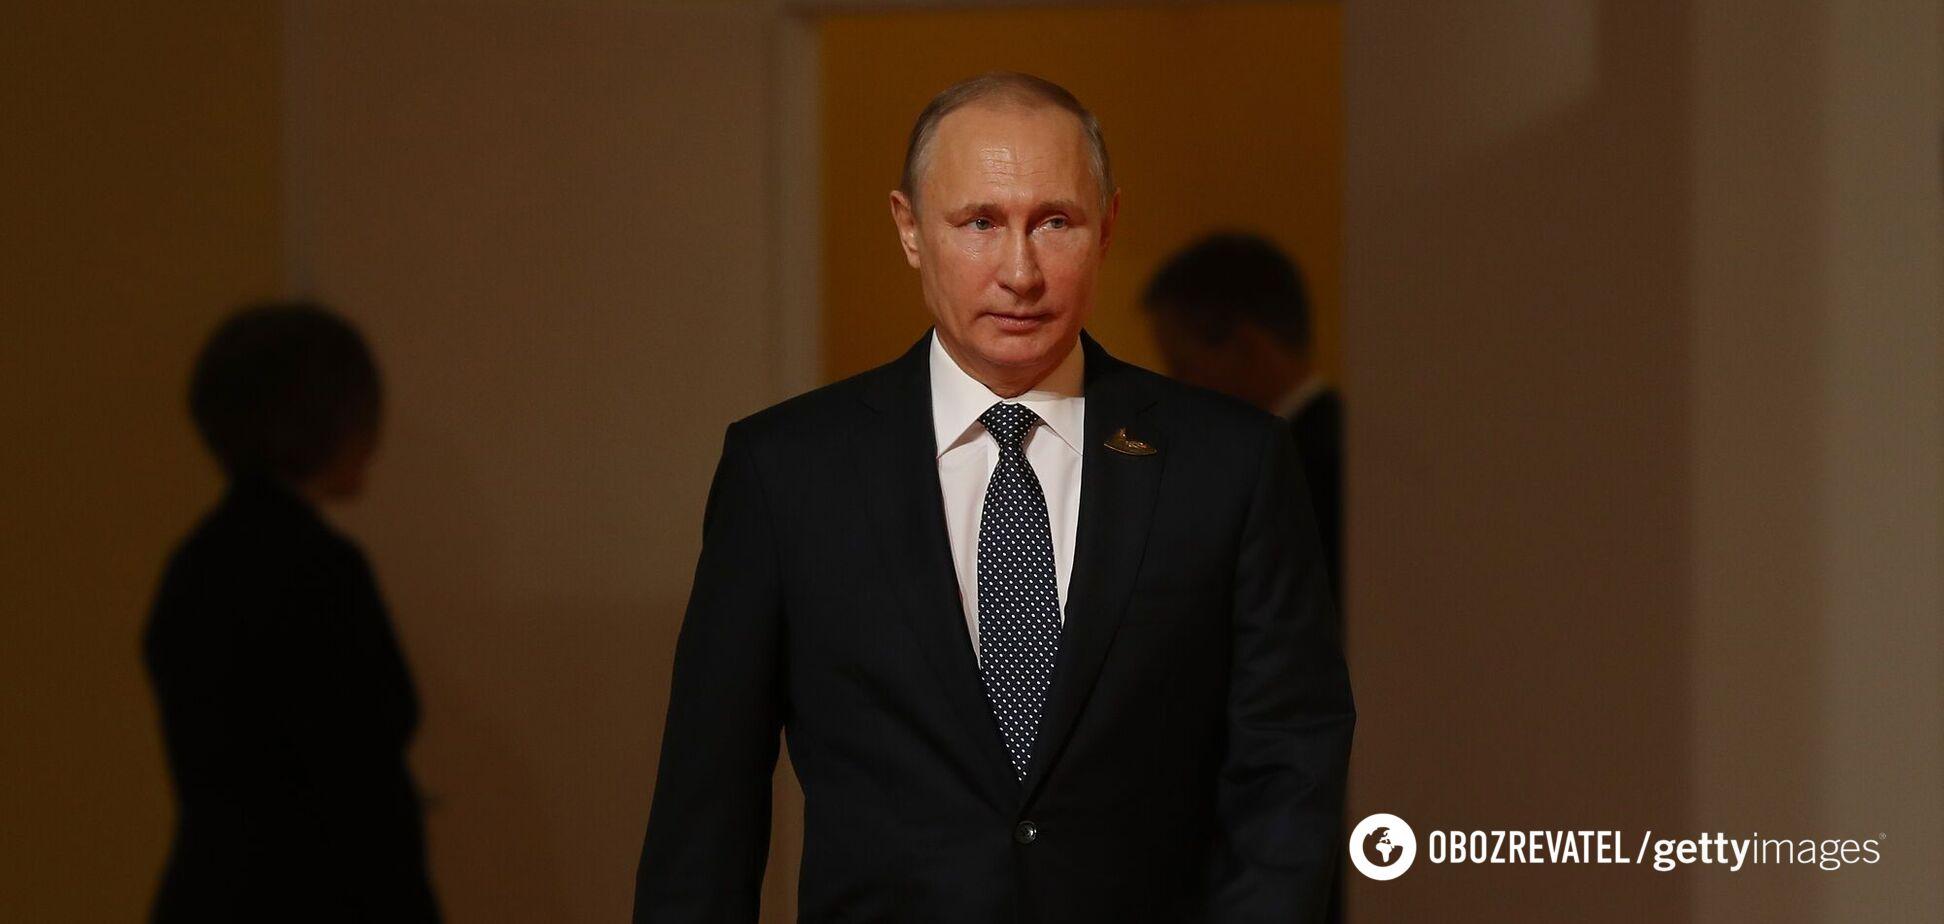 Конструктивных переговоров с Путиным нет и не будет